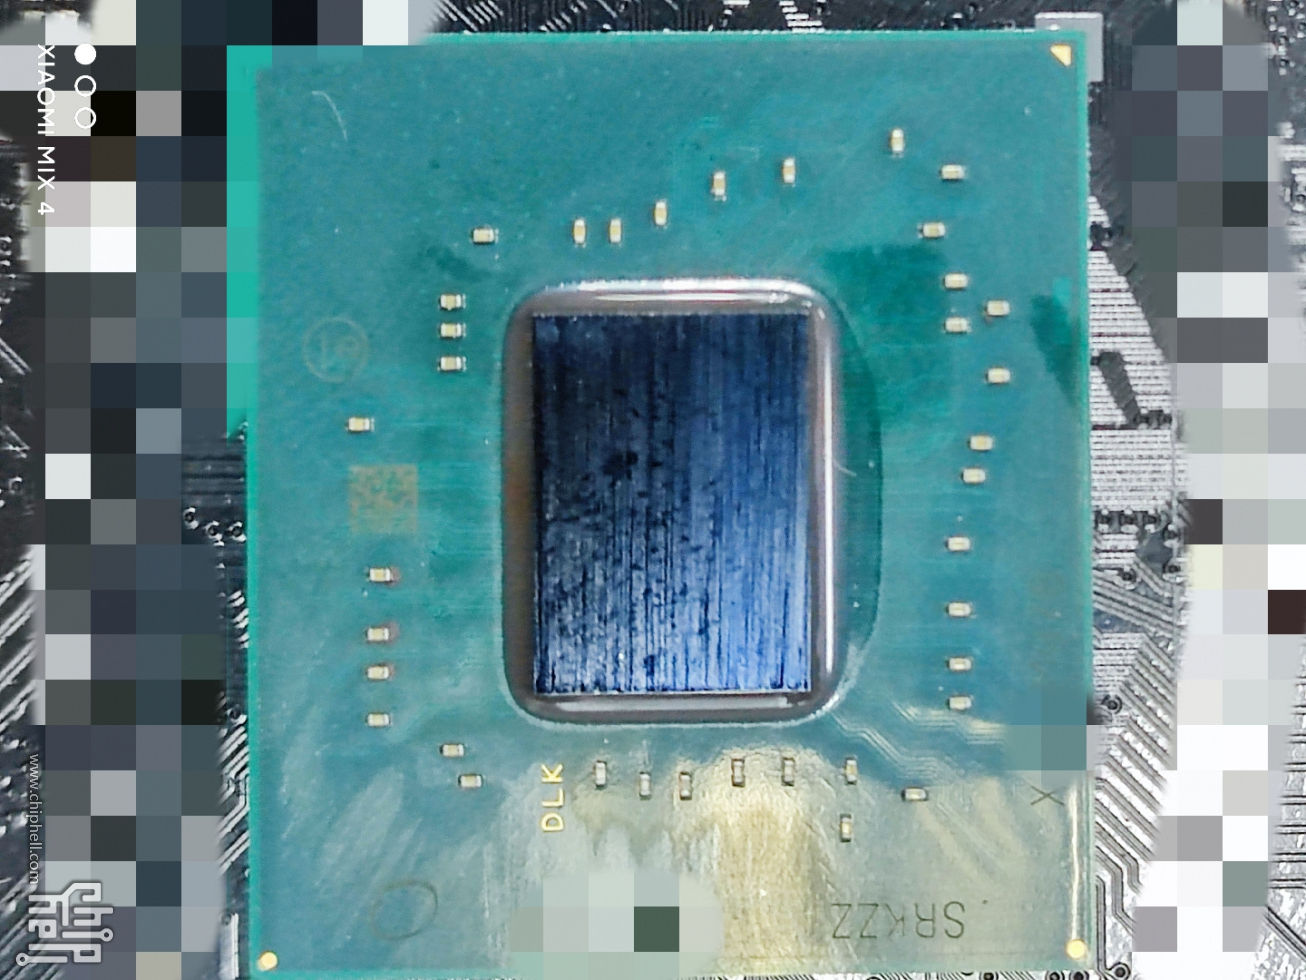 Intel Alder Lake Z690